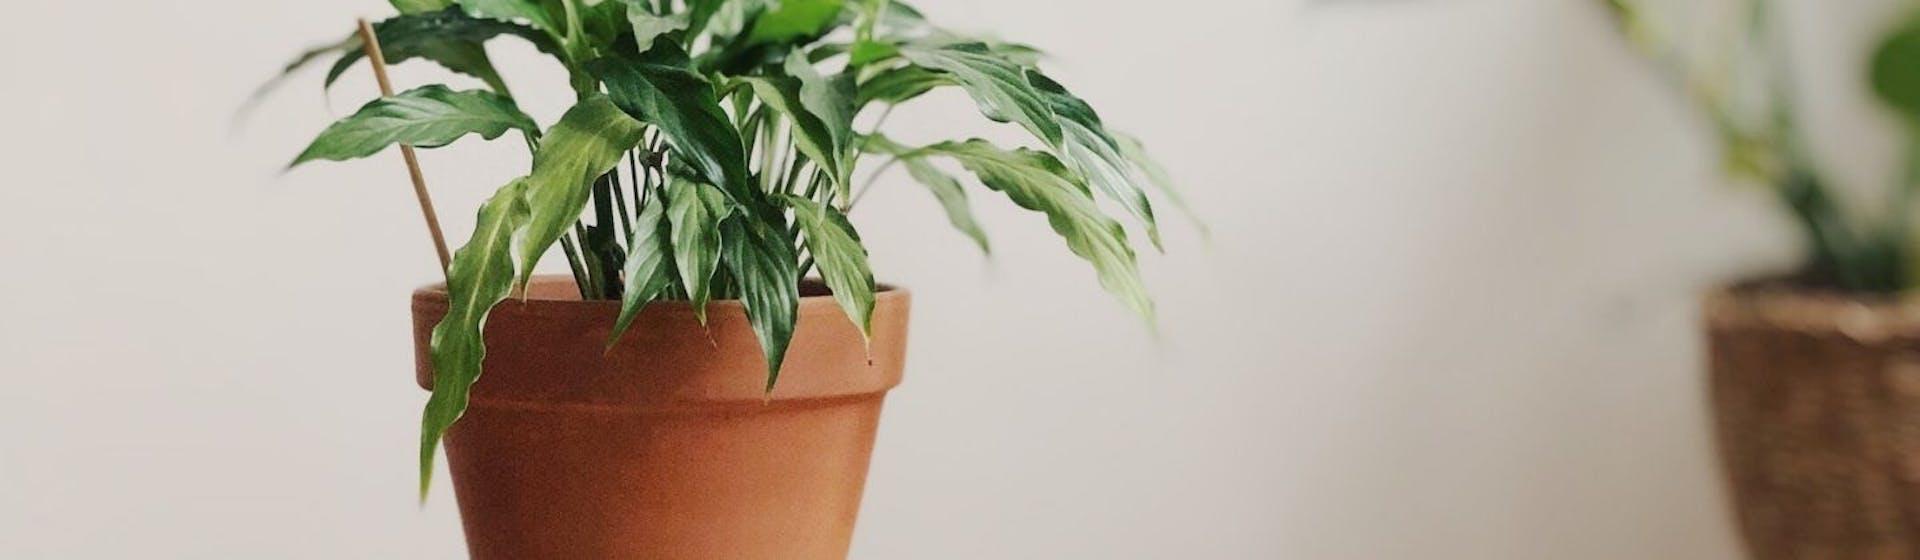 10 plantas de interior que necesitan poca luz para crecer